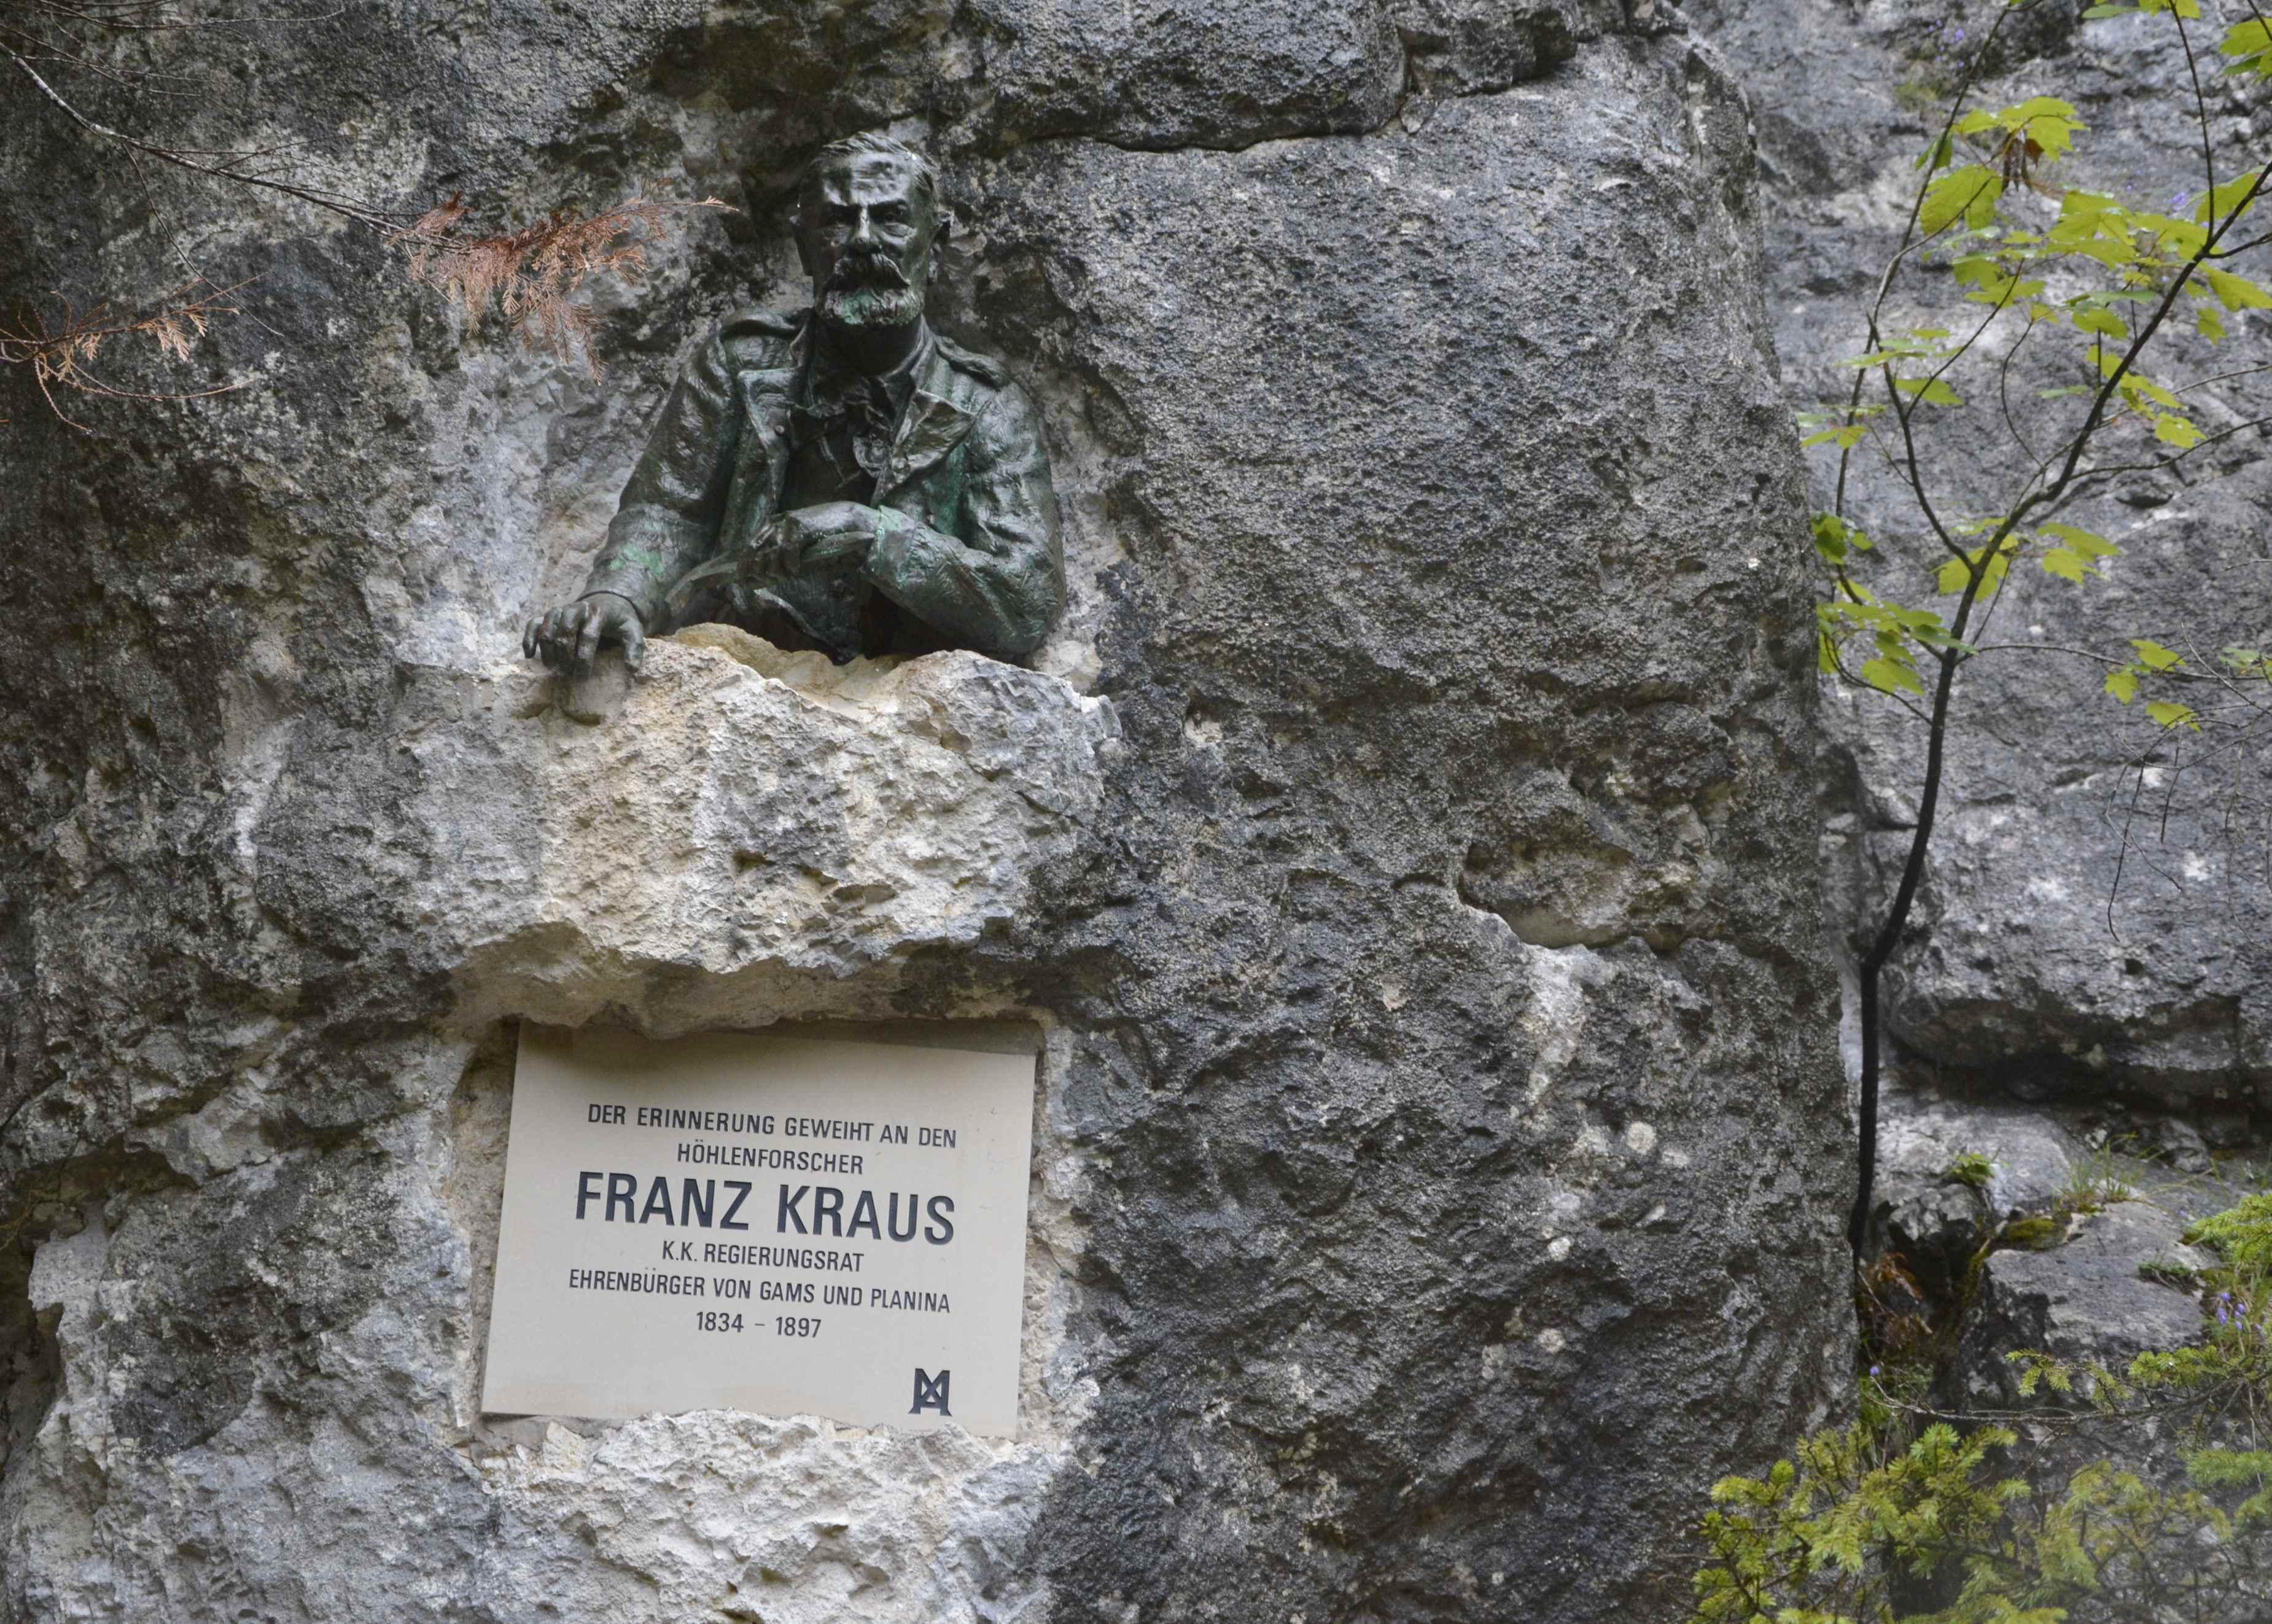 Über dem Eingang zur Kraushöhle finden wir das Denkmal von Franz Kraus